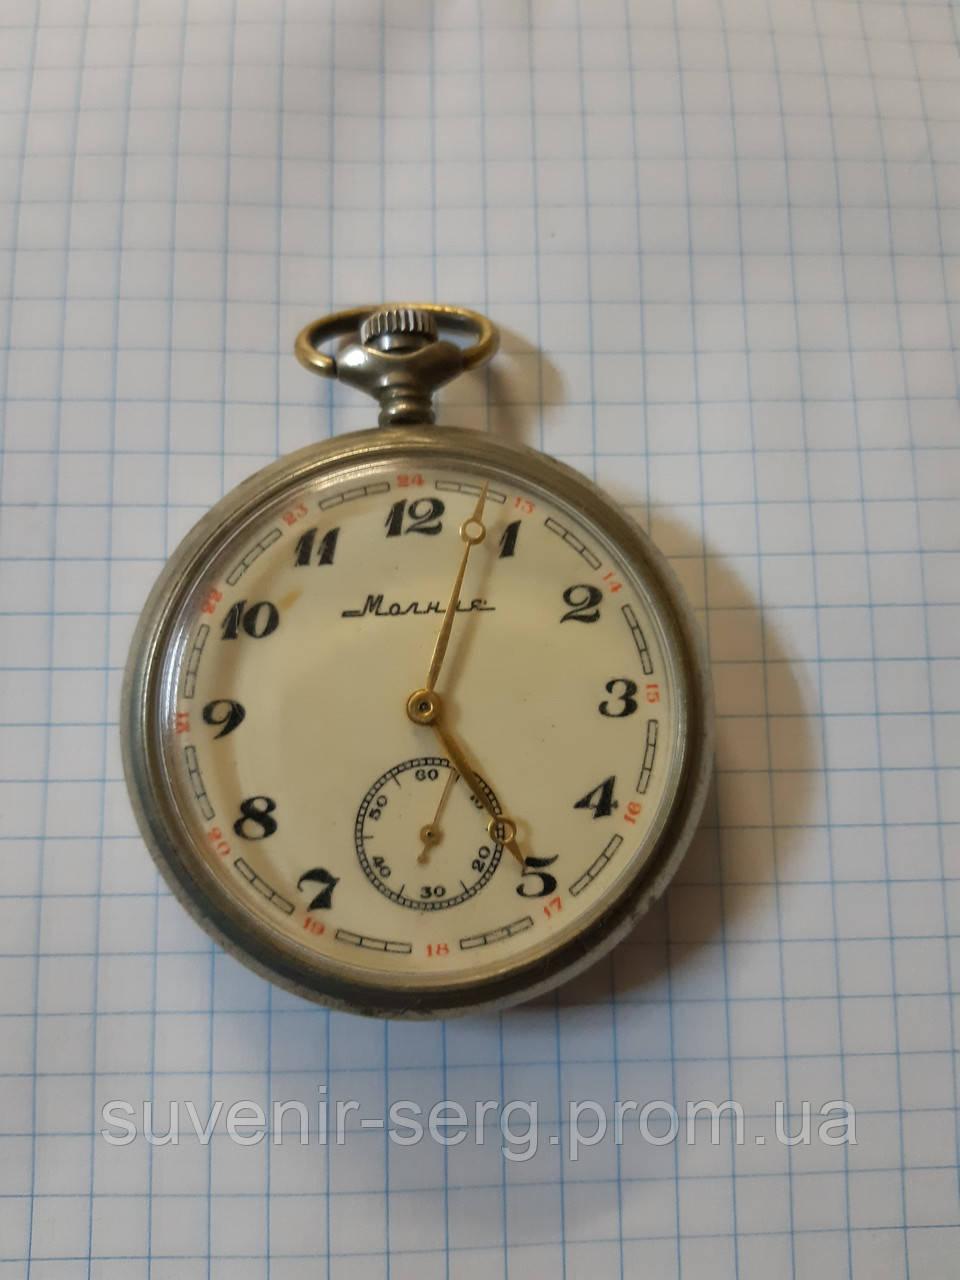 Ссср продать украина цена молния часы карманные часов оценка настенных